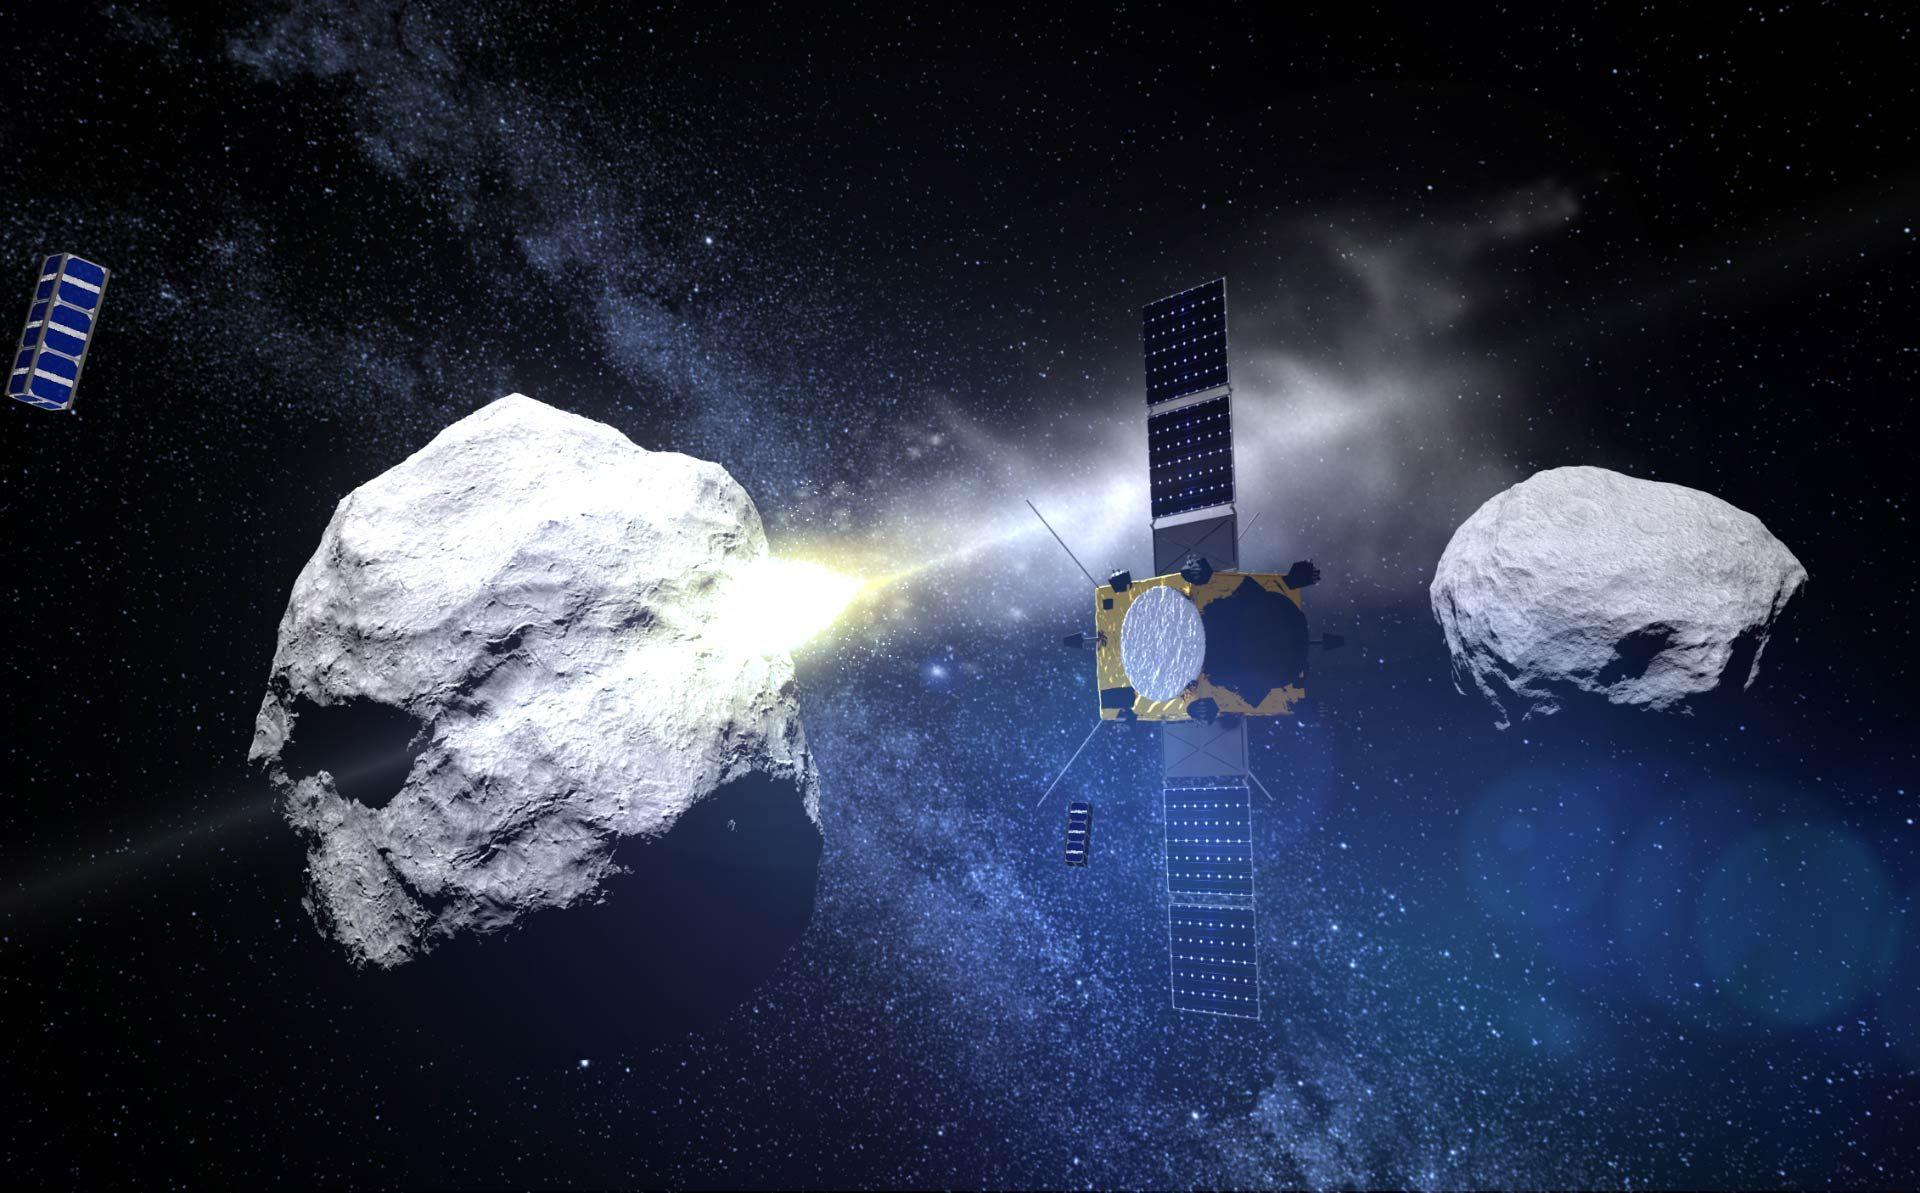 Най-близо до Земята астероидът е бил в 02:05 през нощта